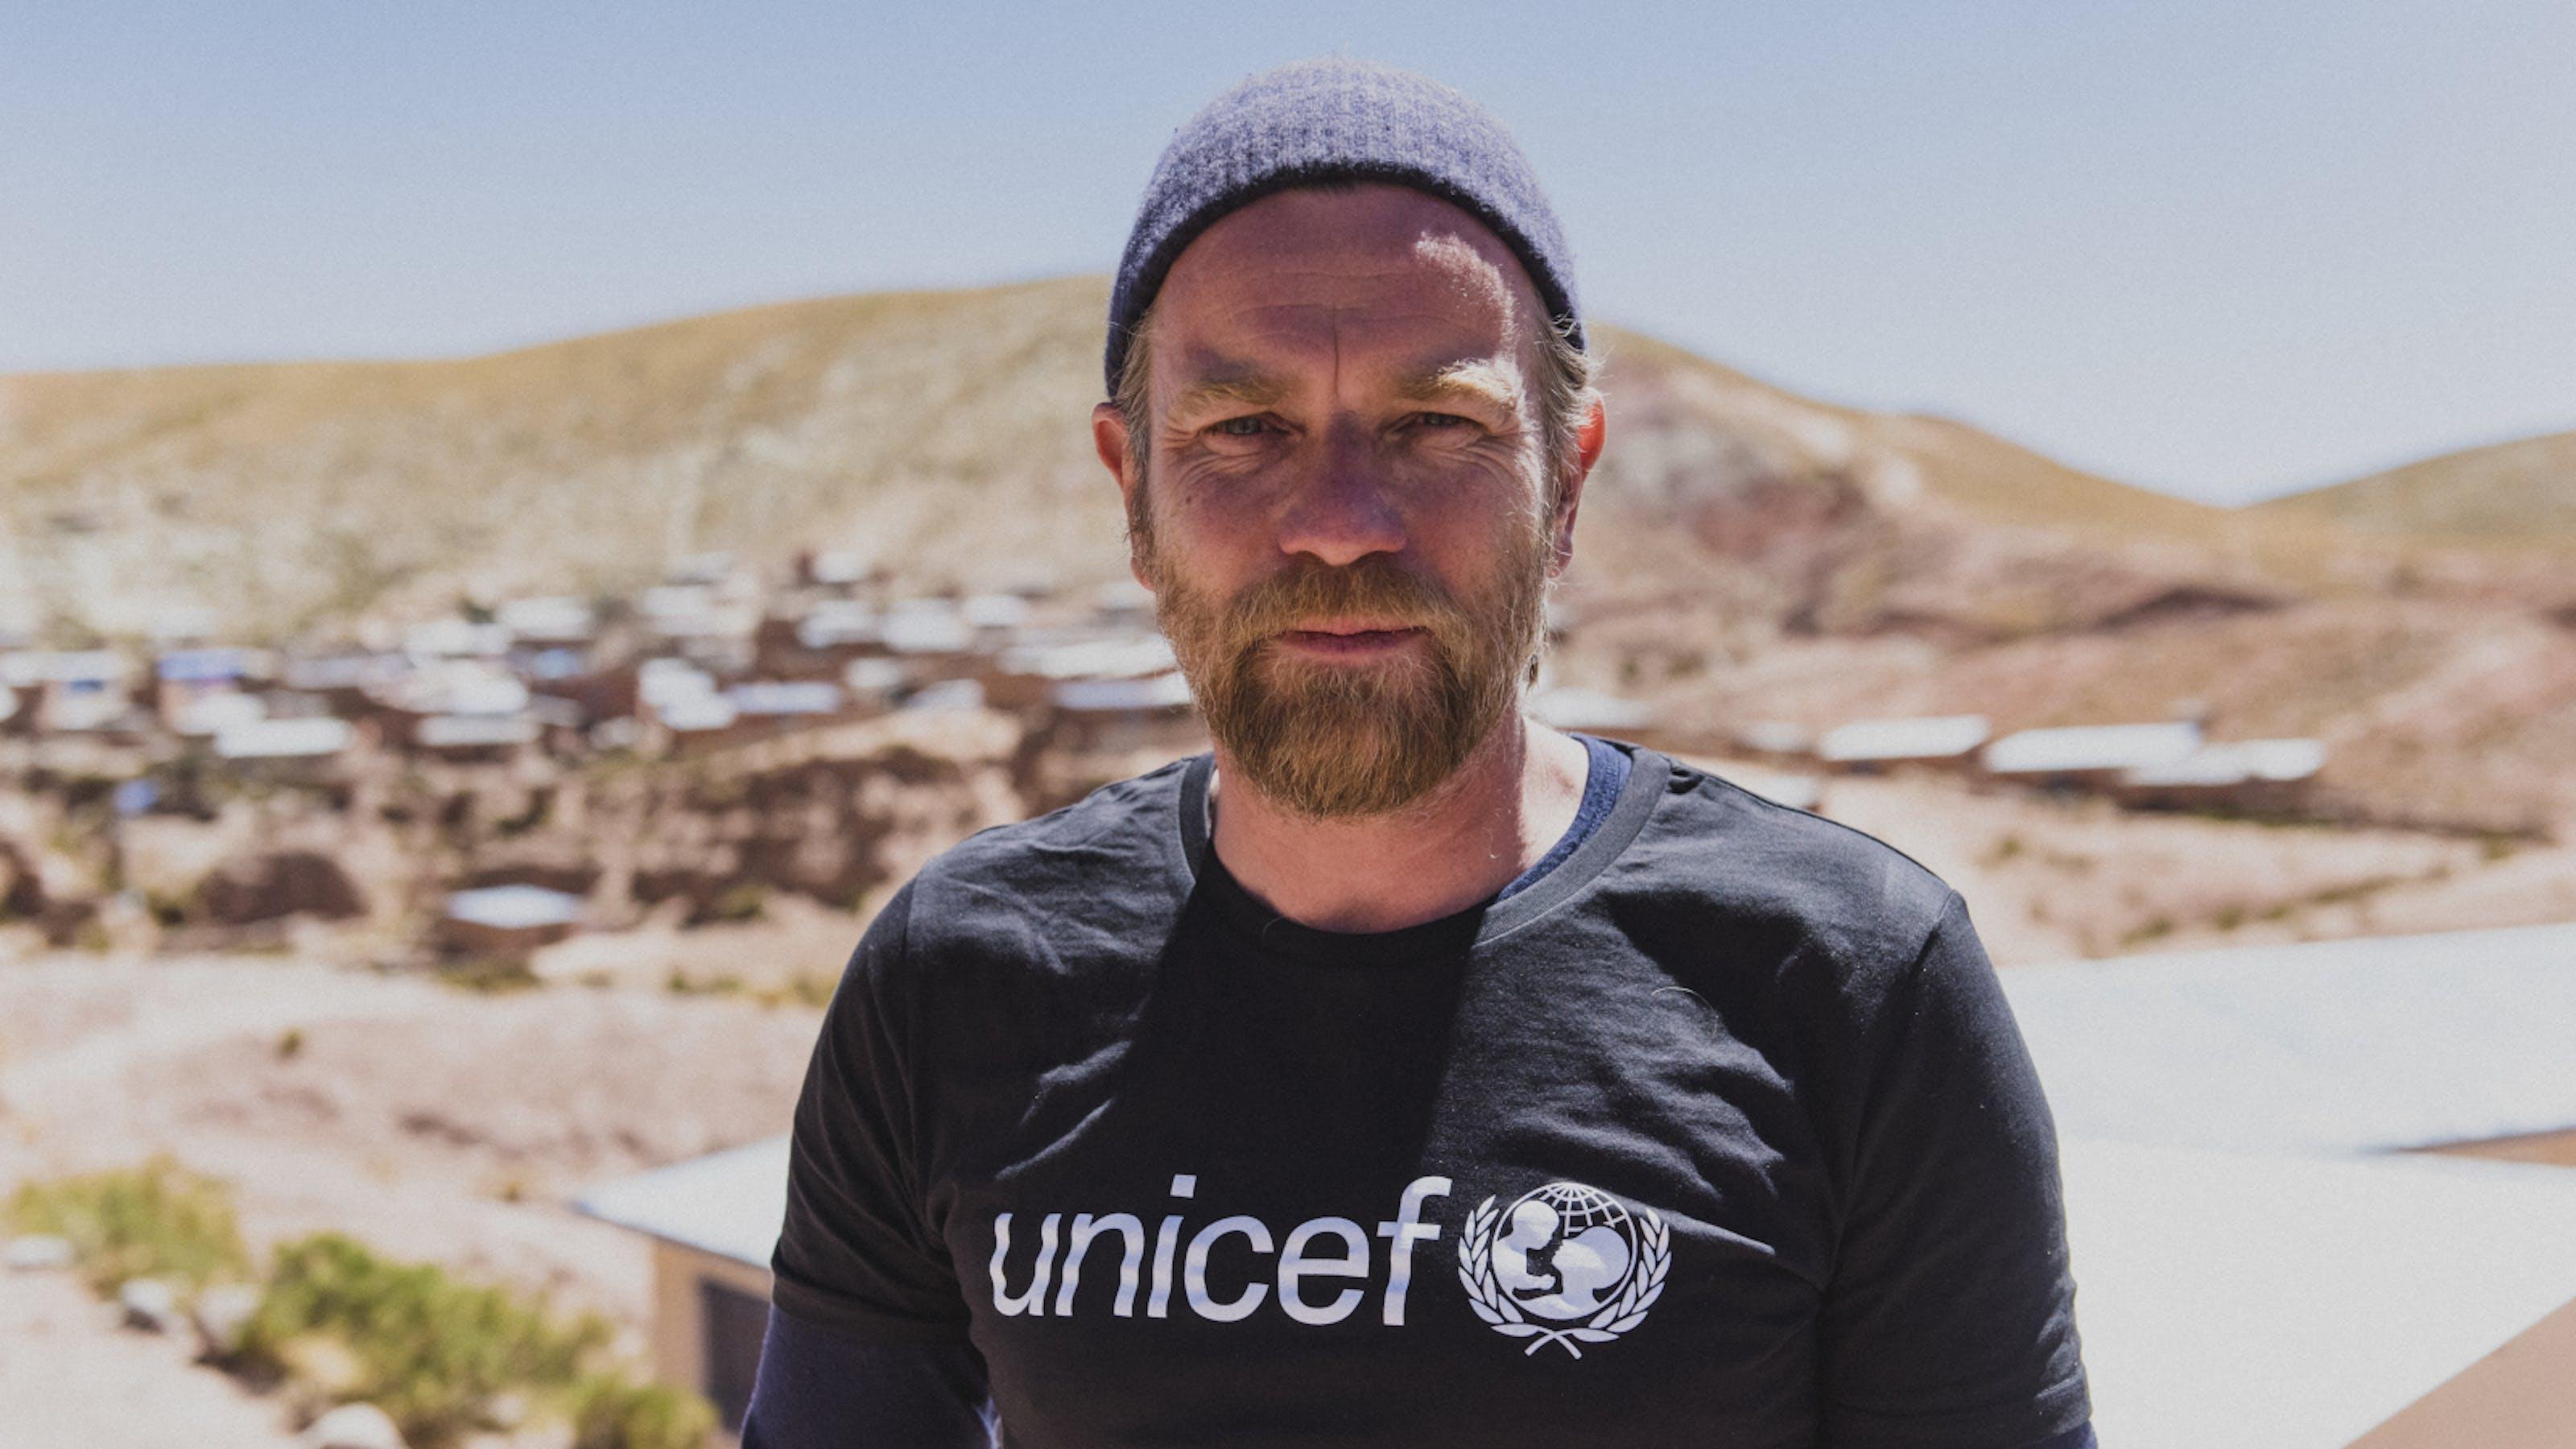 L'ambasciatore UNICEF Ewan McGregor in Bolivia